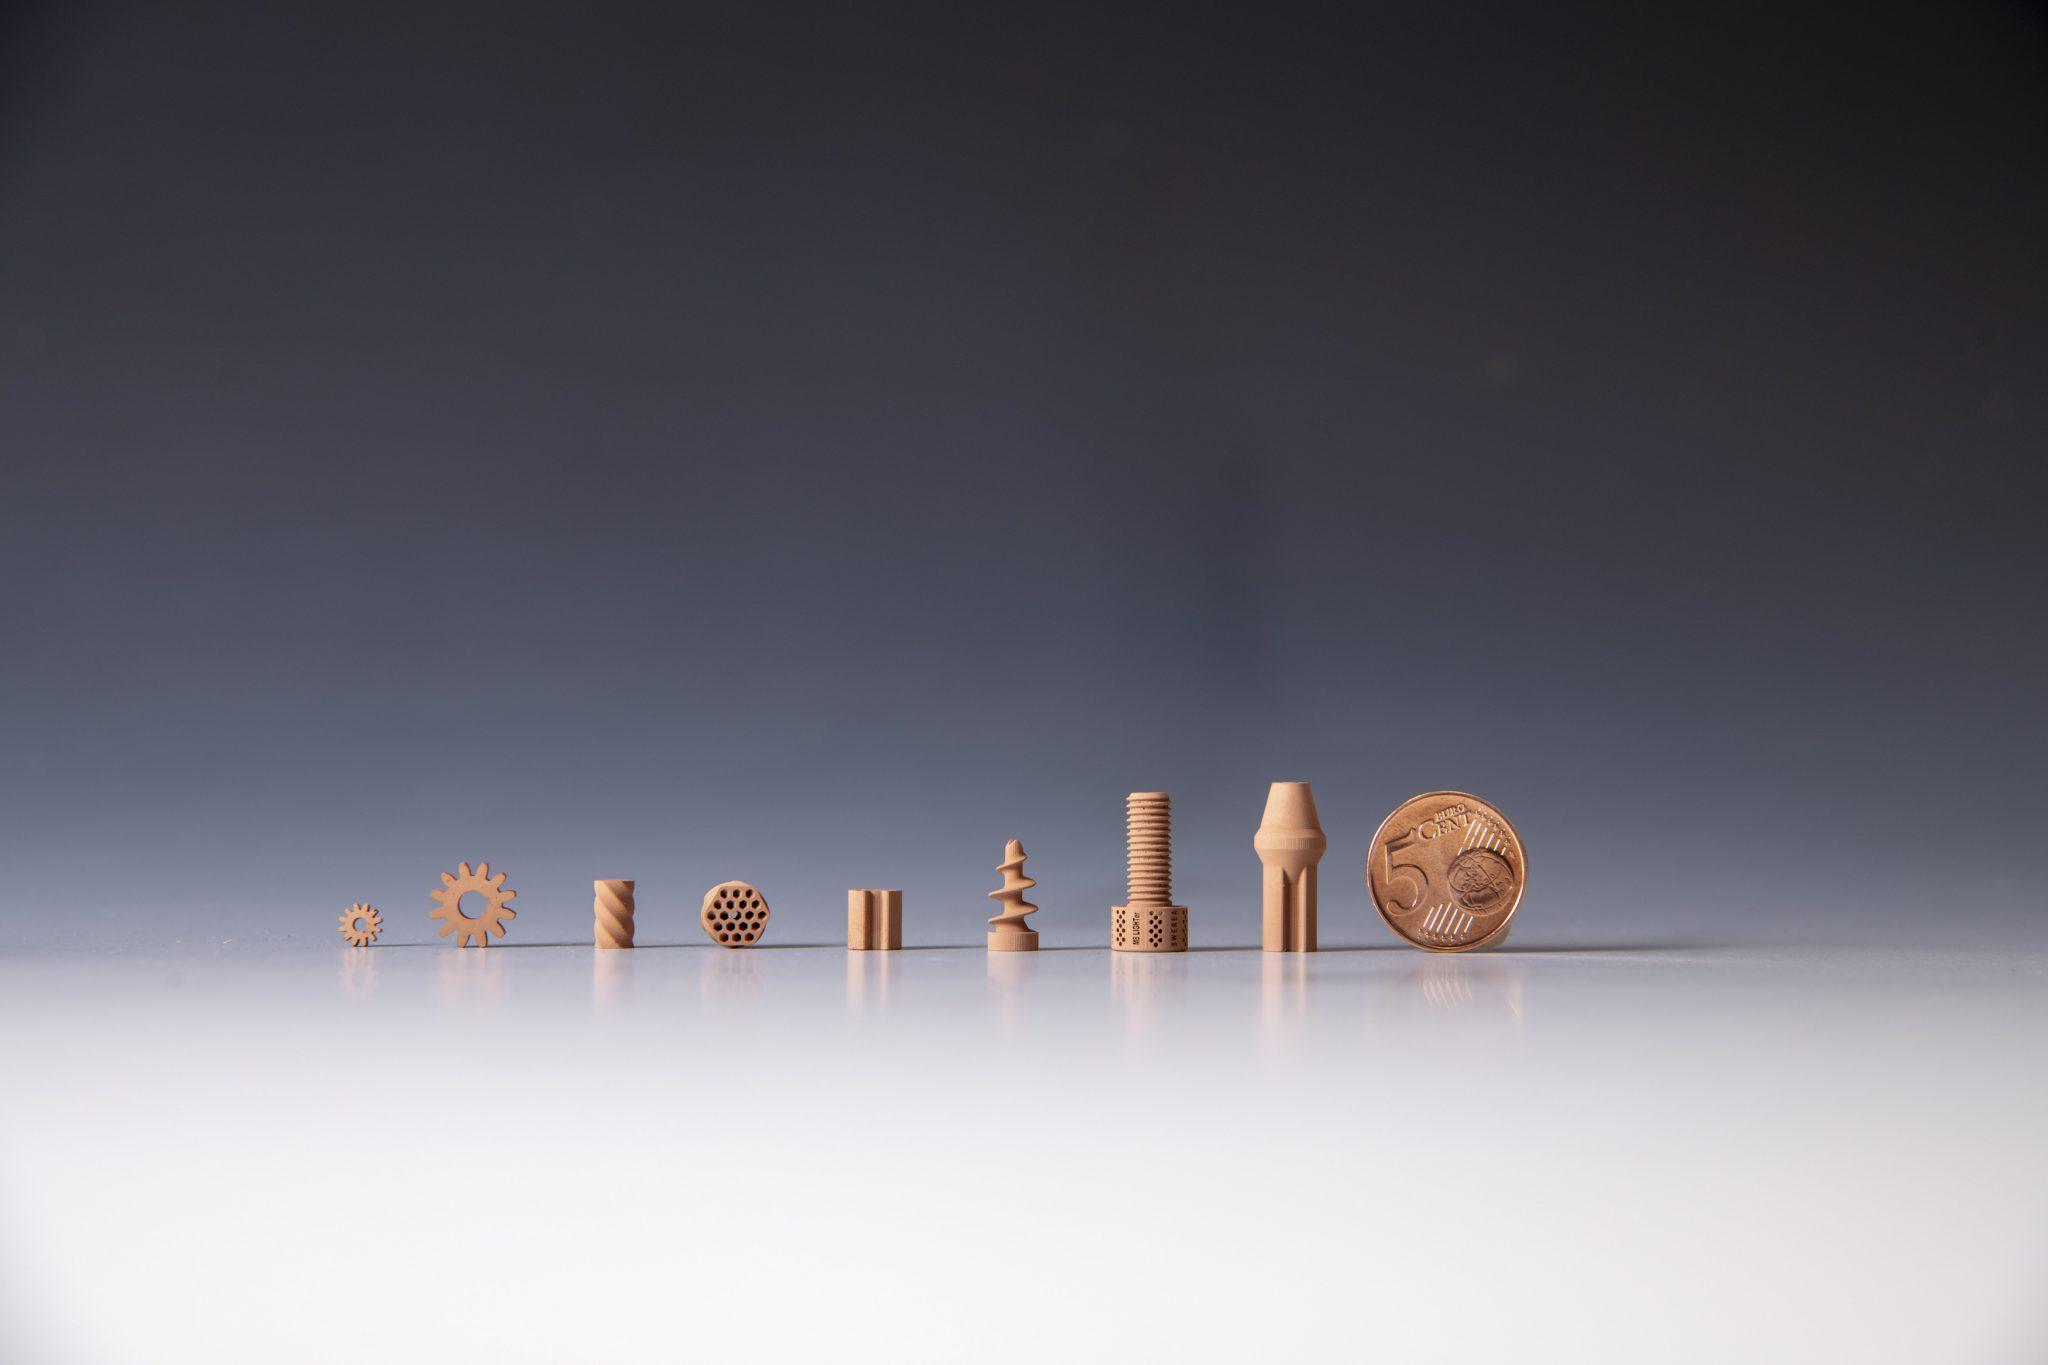 3D printed ceramic parts made by Lithoz and ESA from regolith simulant. Photo copyright ESA–G. Porter, CC BY-SA 3.0 IGO